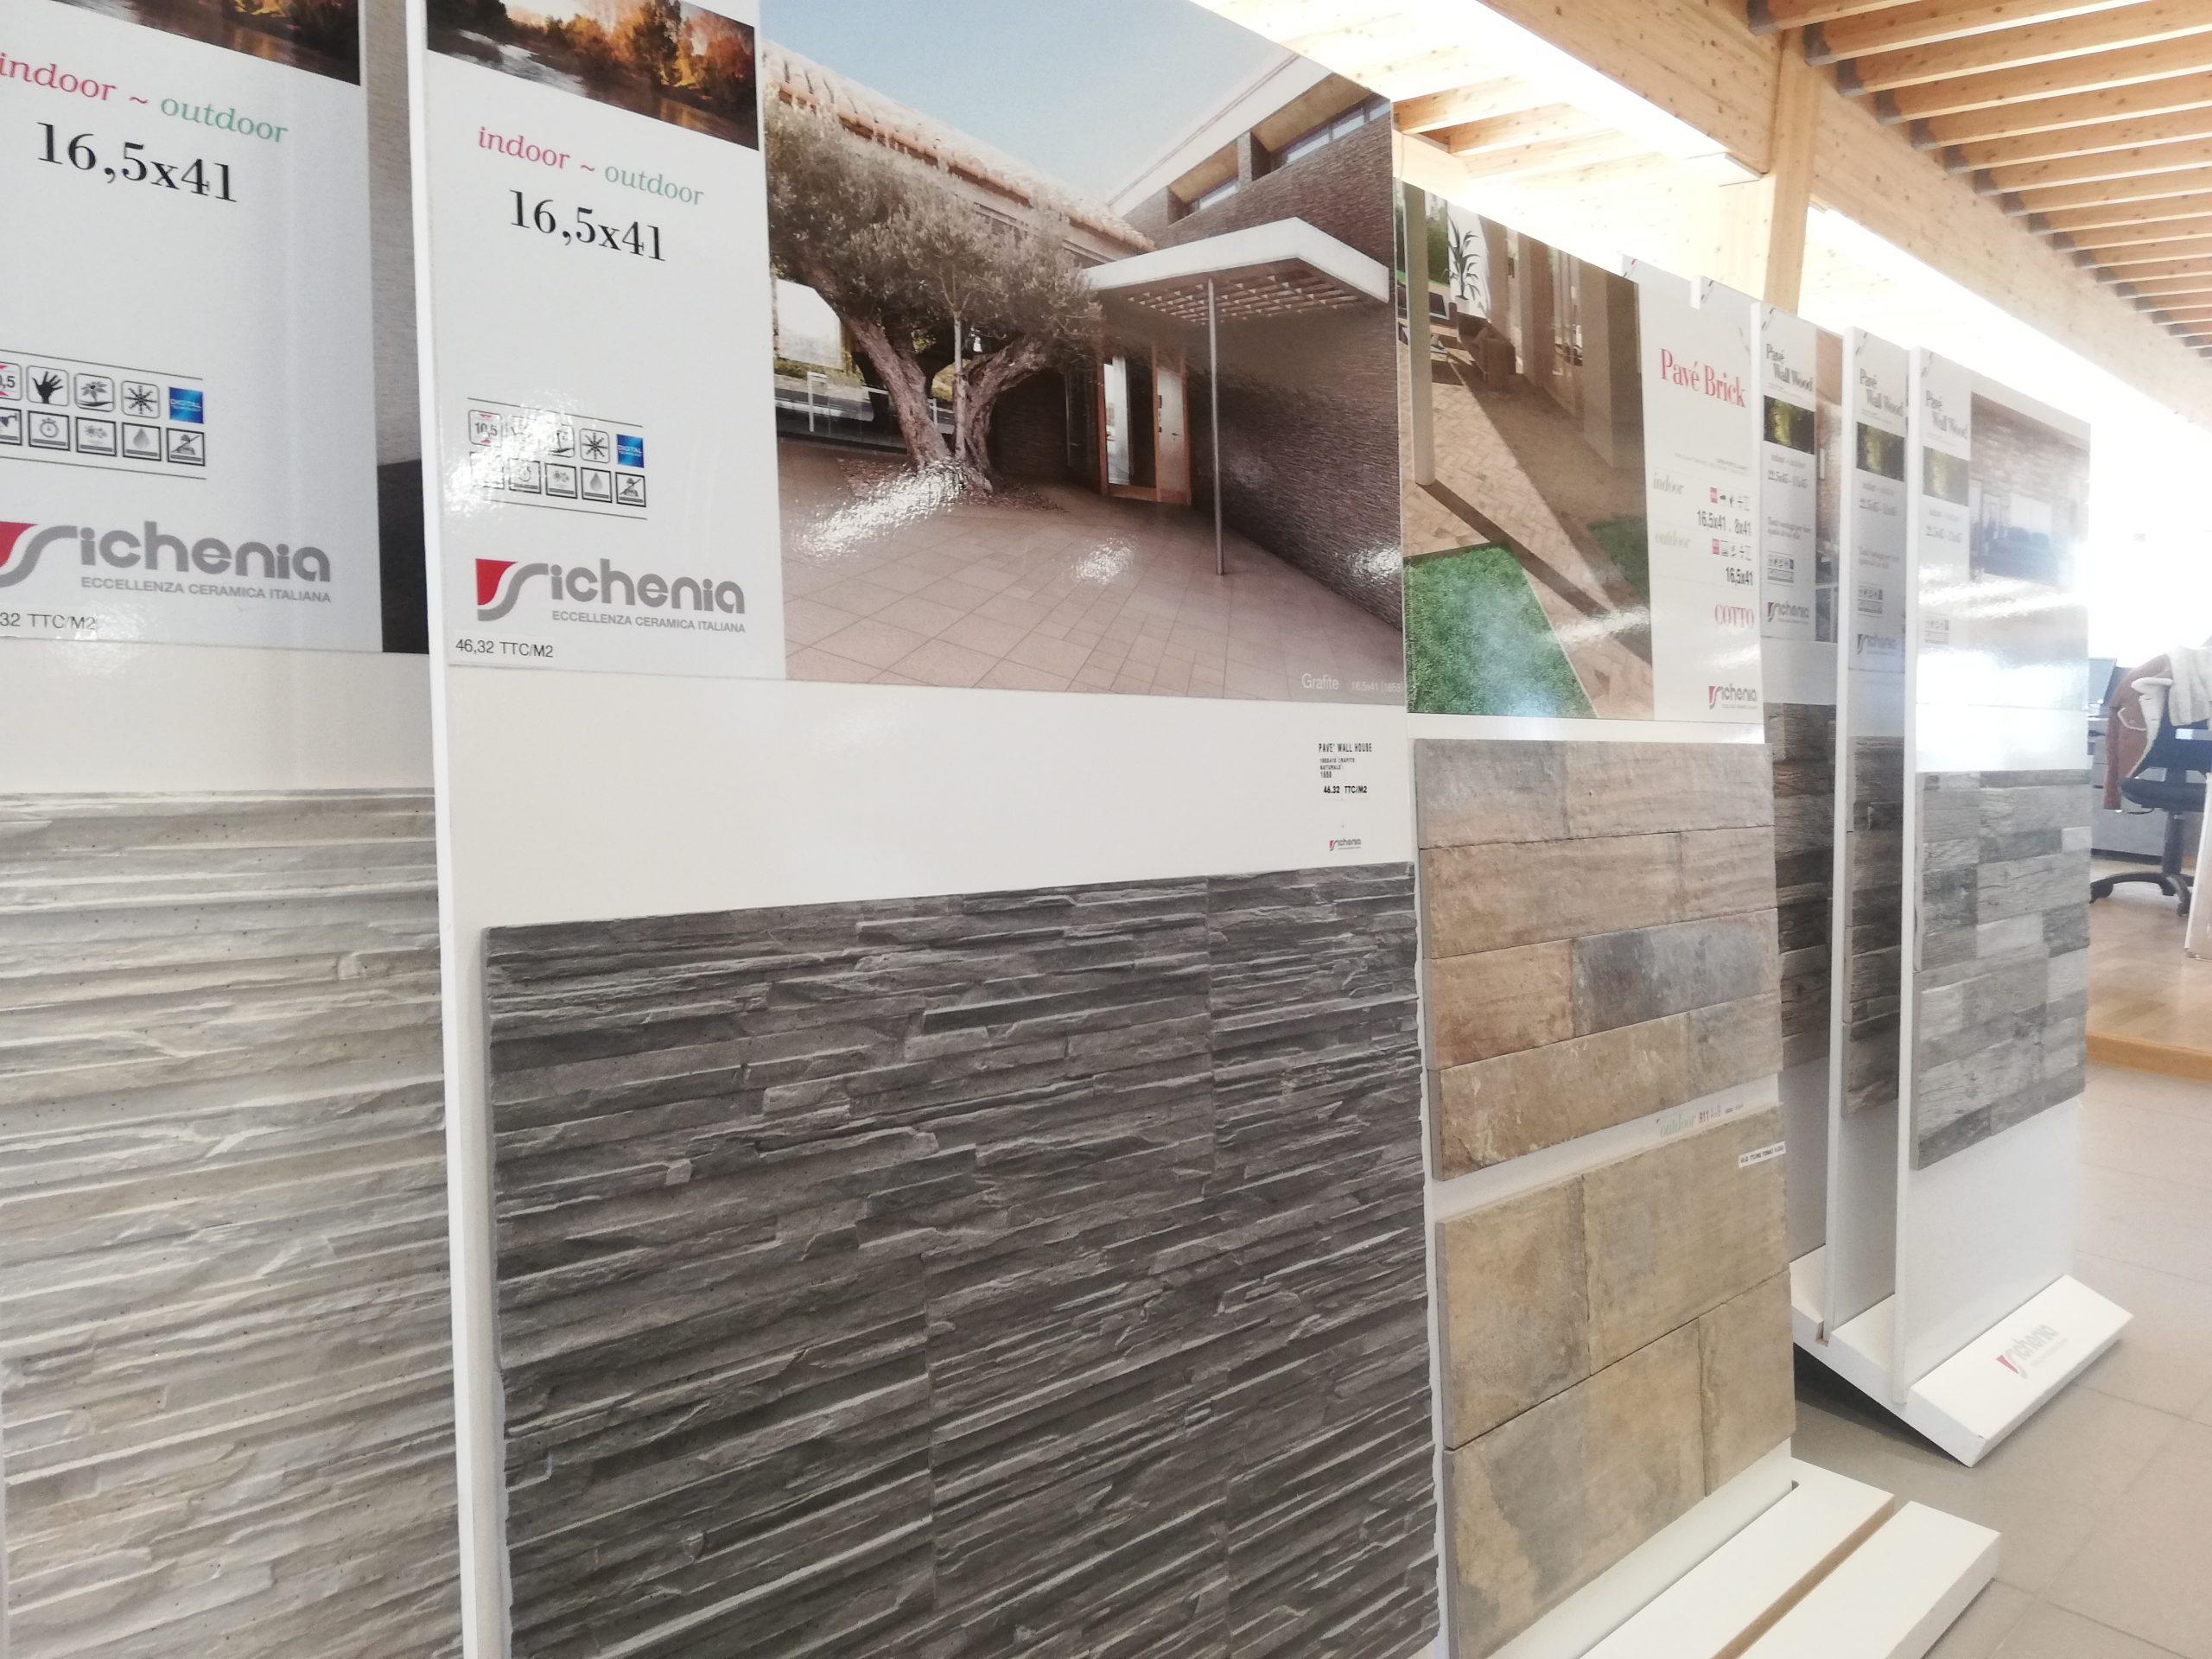 Carrelage | Cdm Le Monde Du Bâtiment destiné Carrelage Pour Mur Extérieur